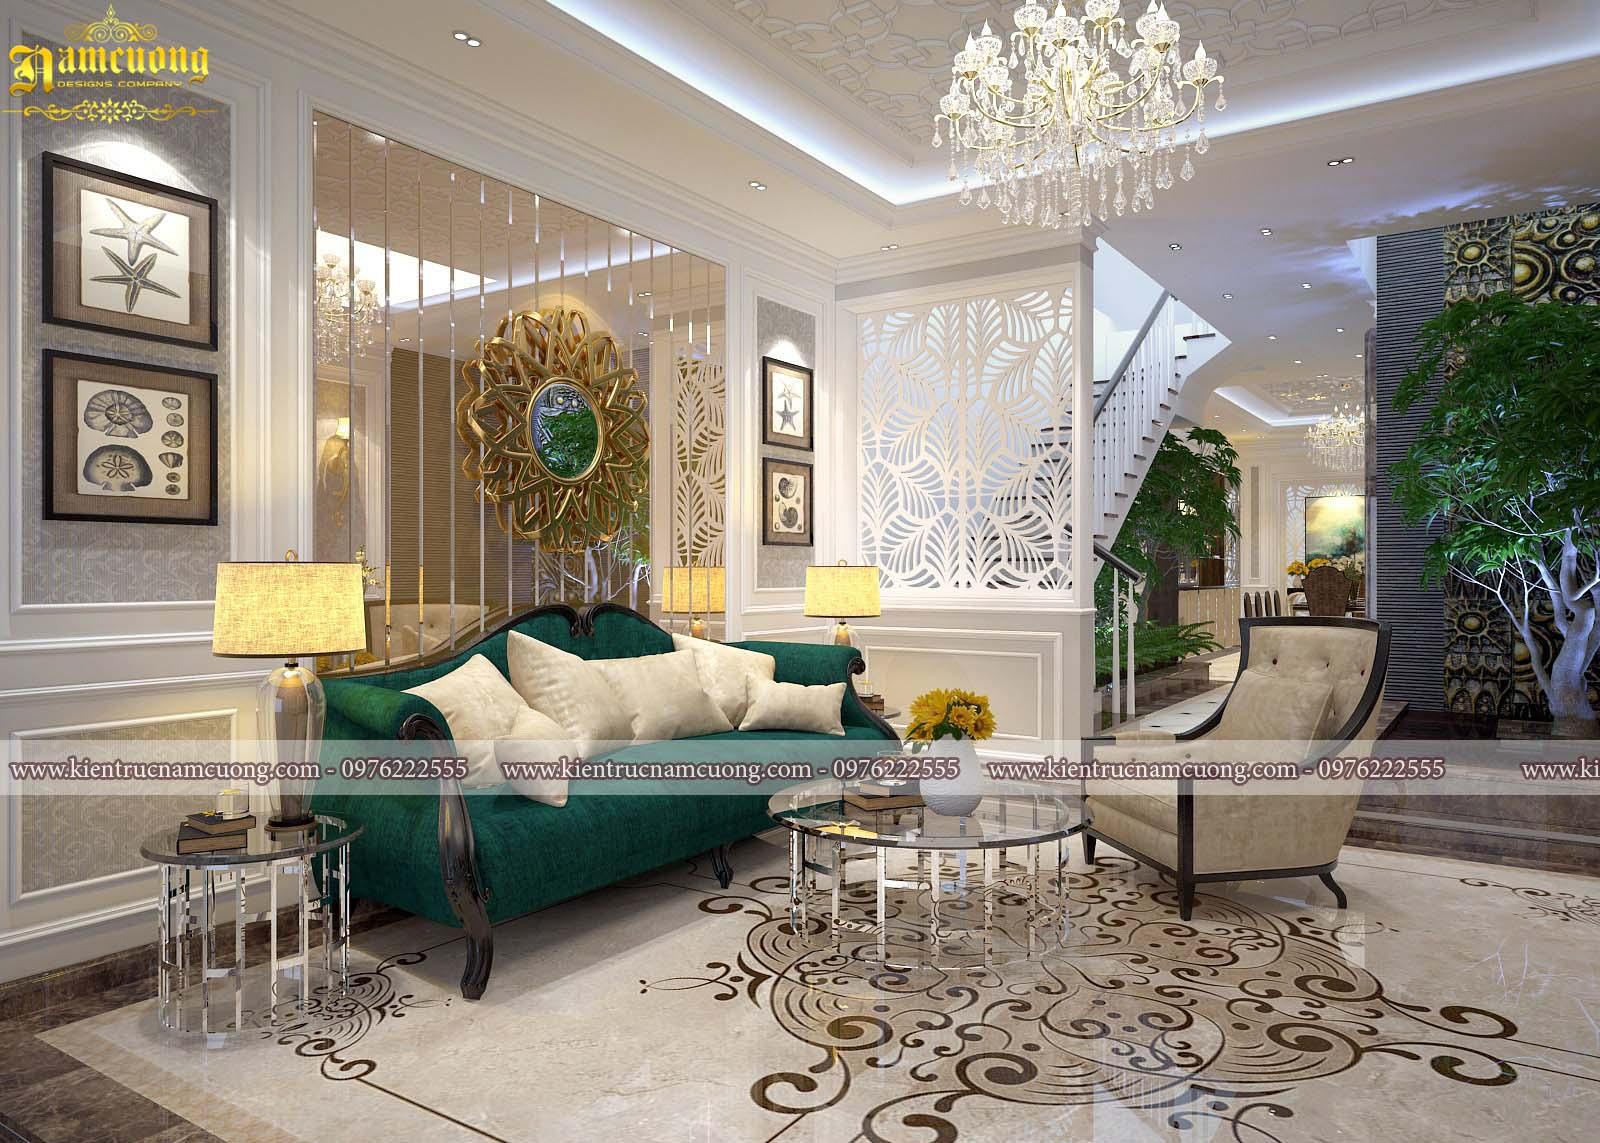 Thiết kế nội thất biệt thự tân cổ điển đẹp tại Hà Nội  - NTBTCD 049